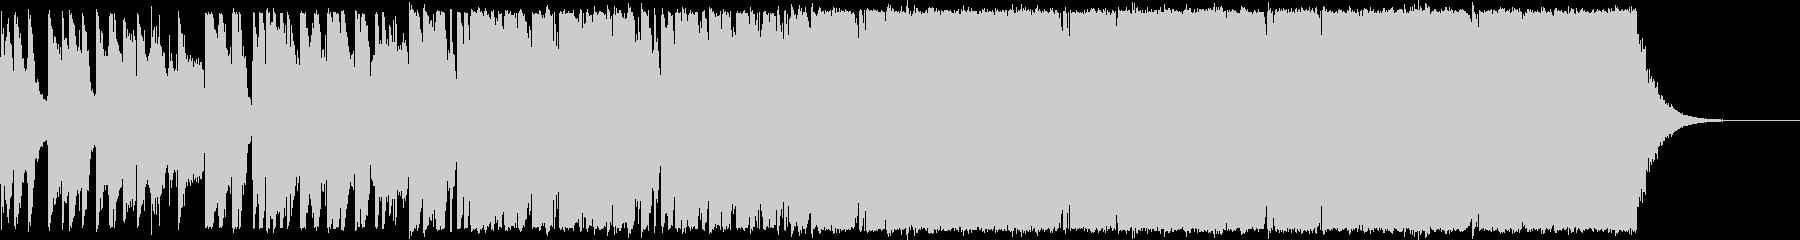 さわやかな80年代風エレクトロポップの未再生の波形